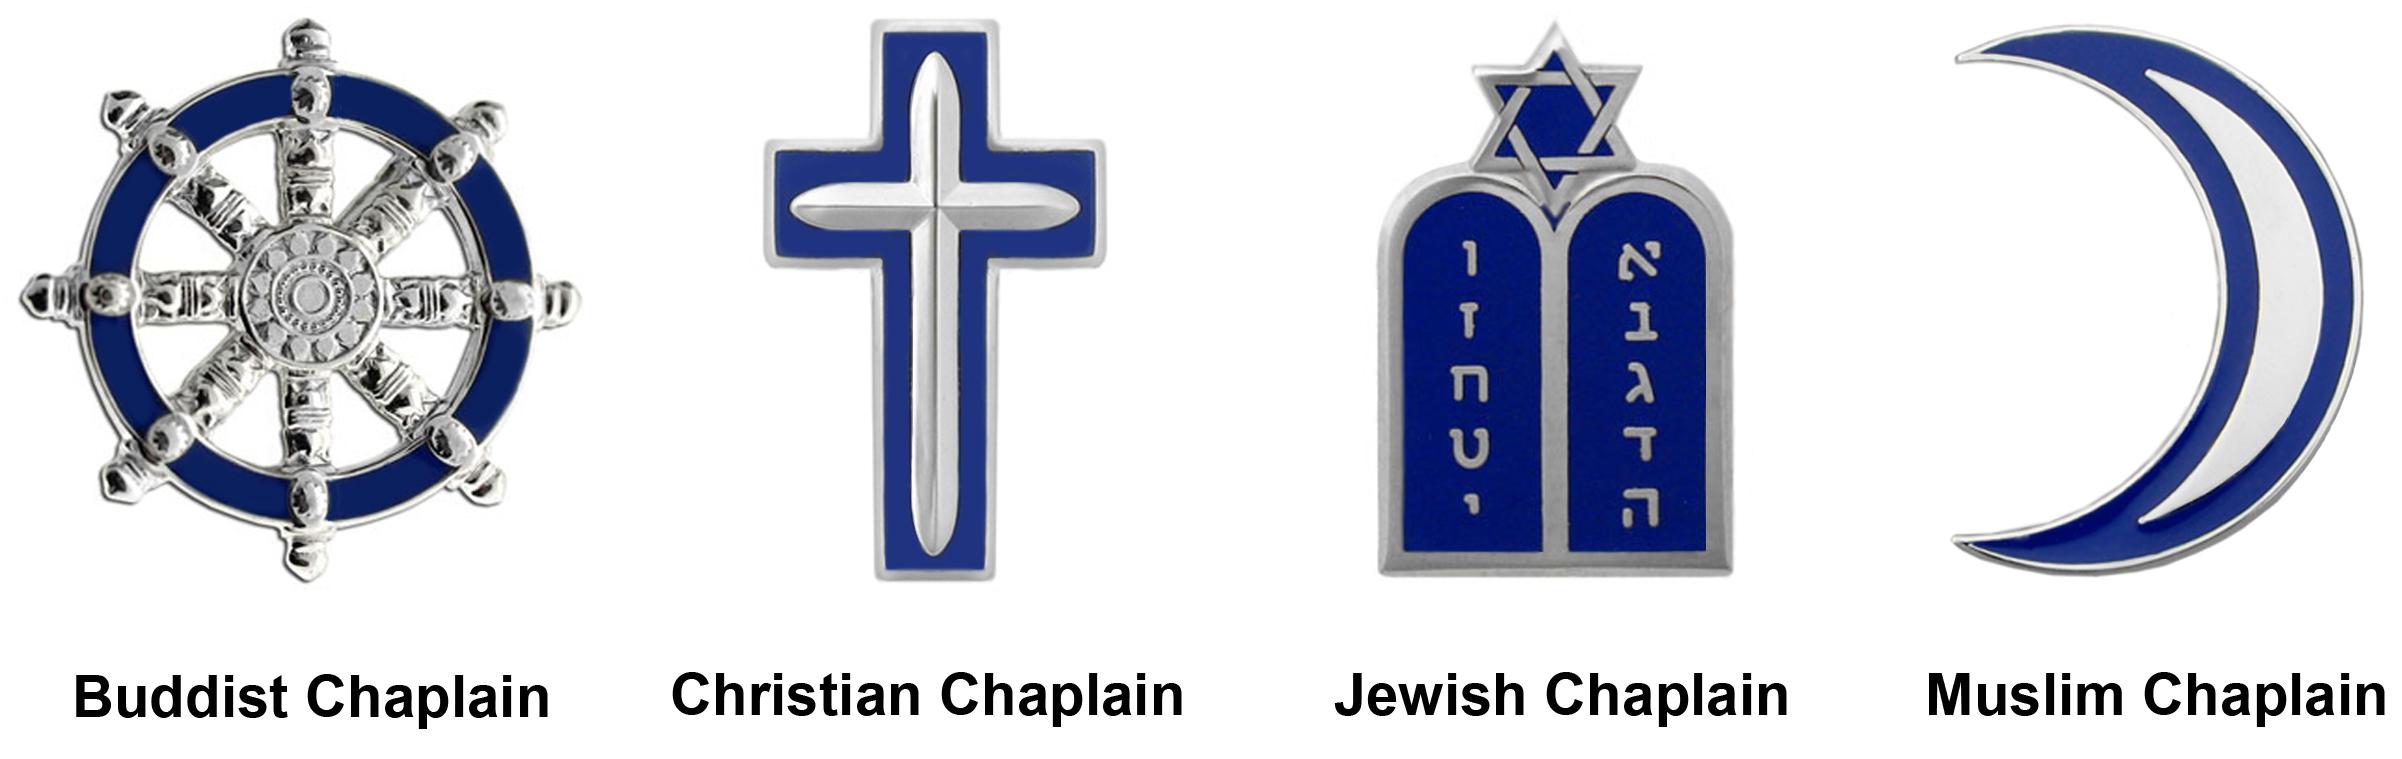 الشارات الدينية بالجيش الأميركي